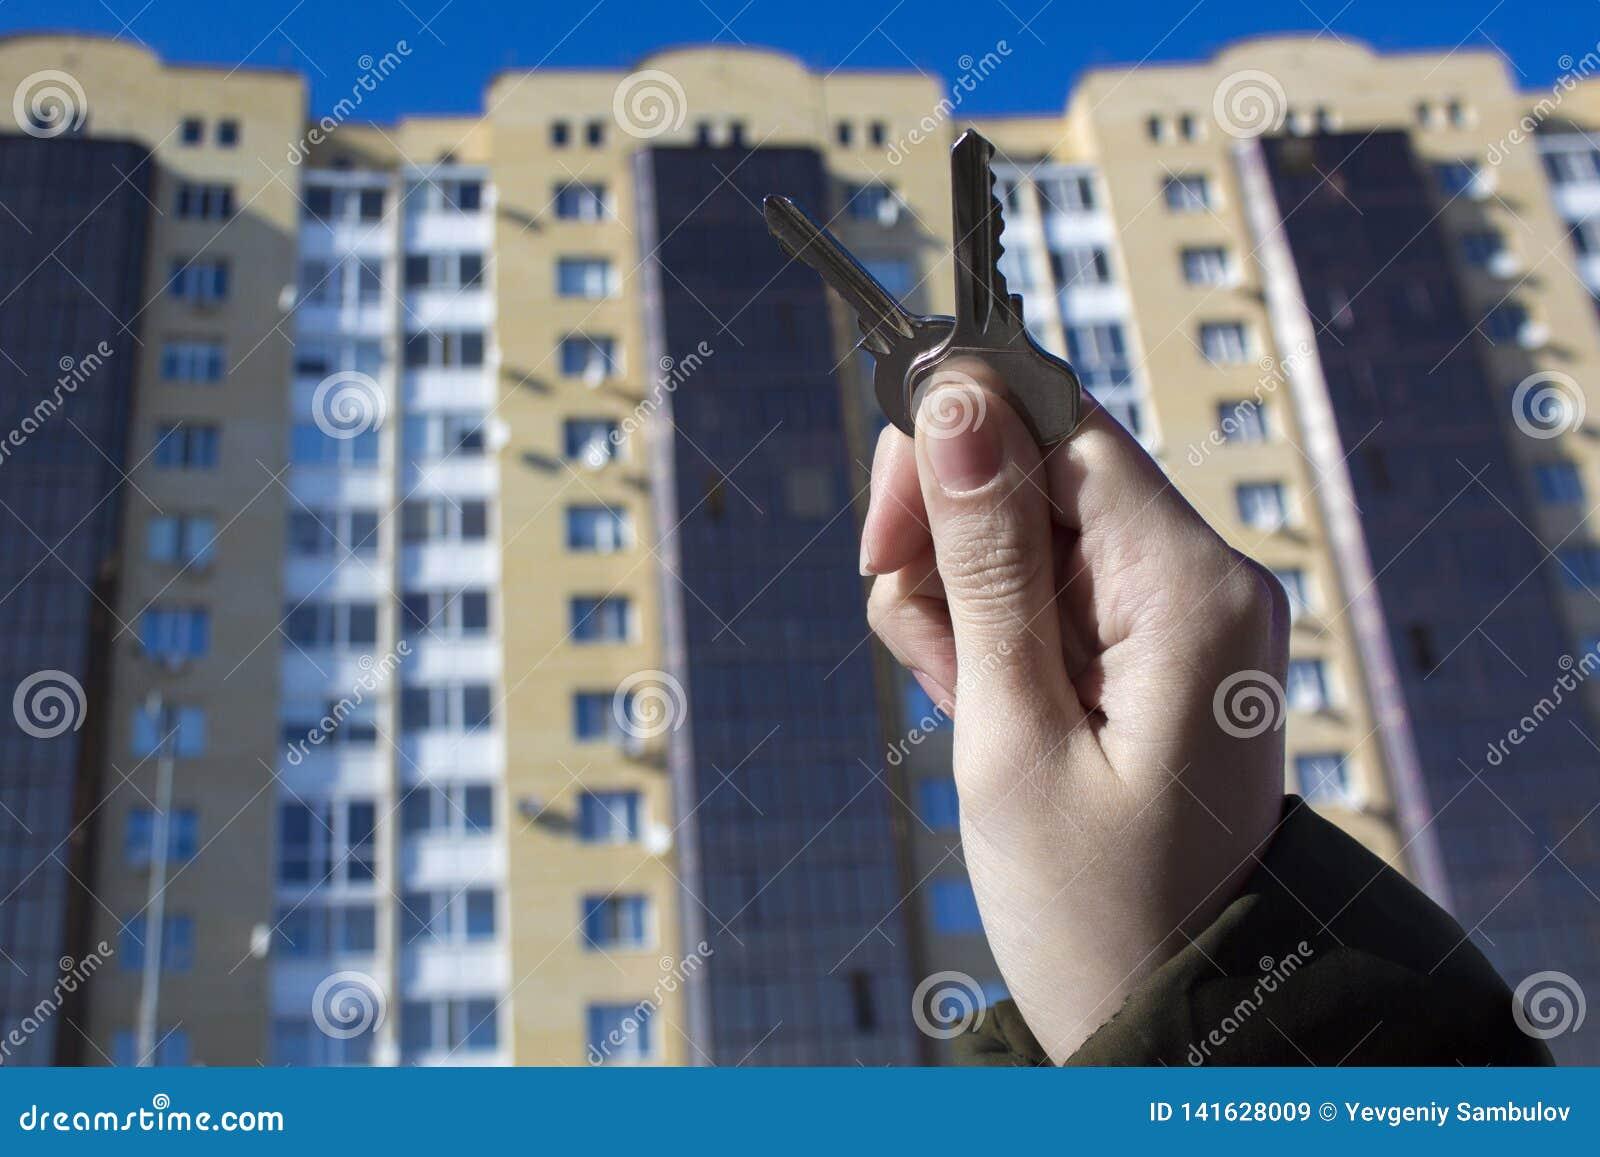 Leningen of Bankkrediet om een nieuw huis te kopen Krijg de sleutels aan huisvesting Makelaardijen en makelaars in onroerend goed